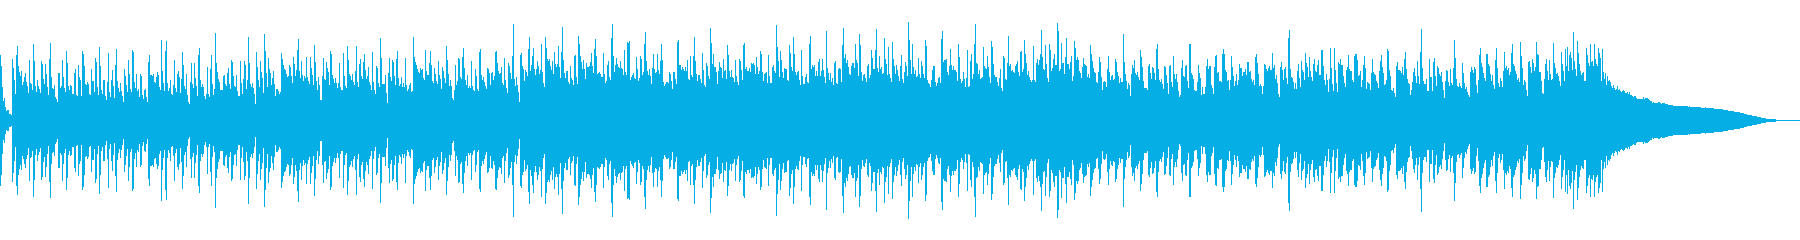 楽しい夏のオープニング映像に沖縄風ポップの再生済みの波形